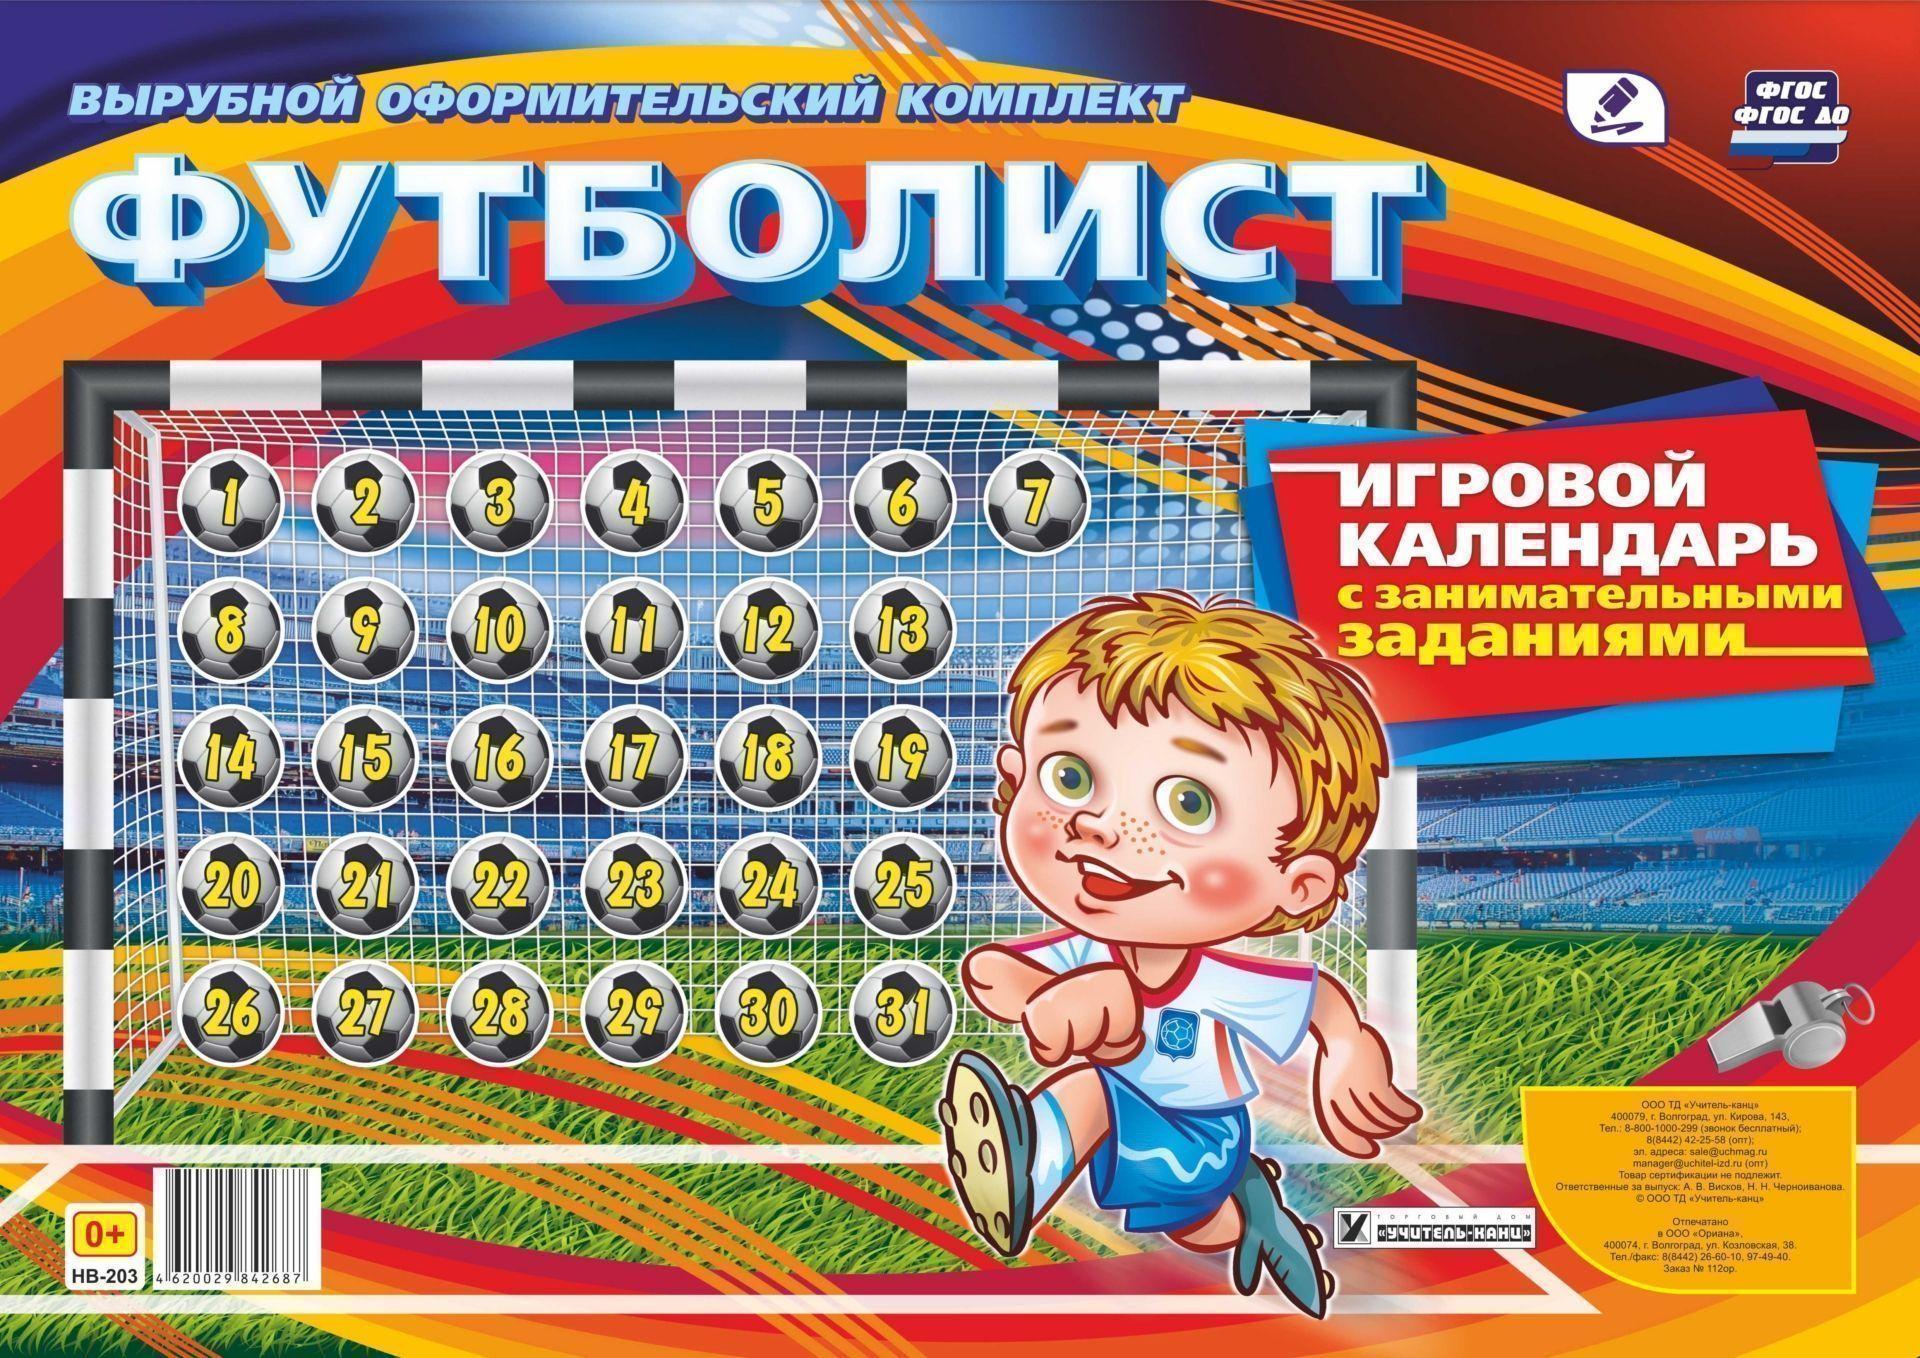 Комплект оформительский Футболист. Игровой календарь с занимательными заданиямиОформительские плакаты<br>Футбол - это увлекательная, коллективная игра, которую любят и взрослые и дети. Россия впервые в своей истории в 2018 году станет страной-хозяйкой 21-го чемпионата мира по футболу ФИФА, финальный турнир которого пройдёт в 11 городах РФ. Этого события ждут...<br><br>Год: 2017<br>Серия: Вырубной оформительский комплект<br>Высота: 600<br>Ширина: 475<br>Переплёт: набор